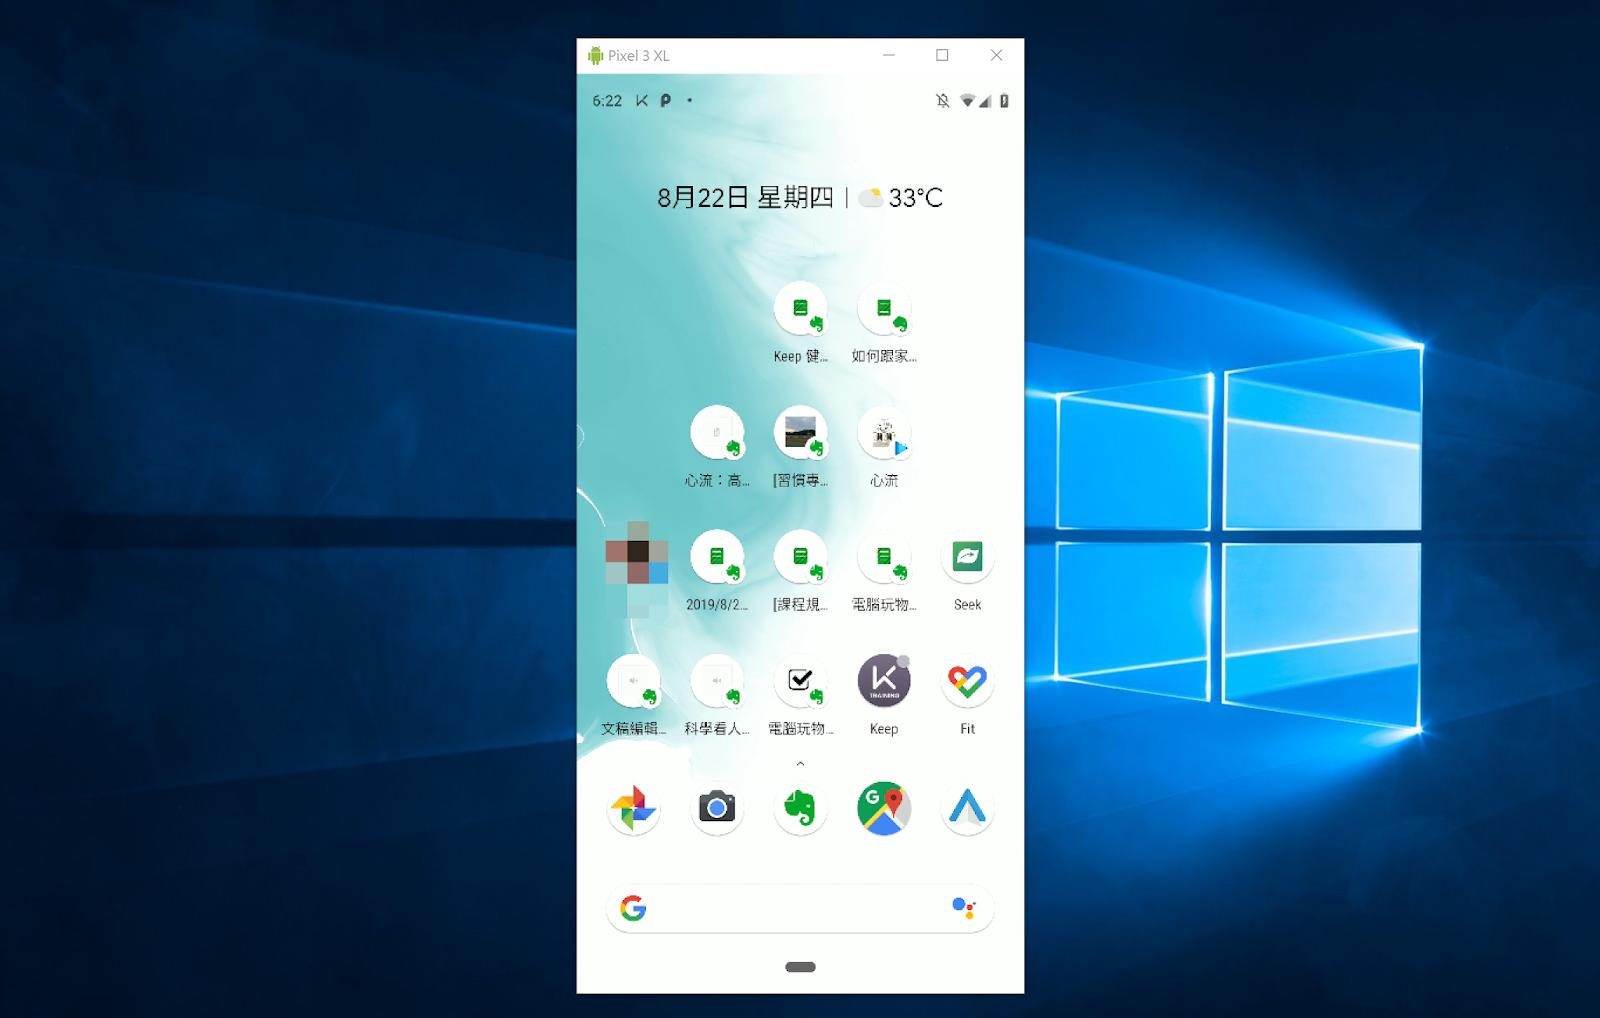 Scrcpy 免裝 App 讓 Android 手機投影到電腦,還可電腦操控